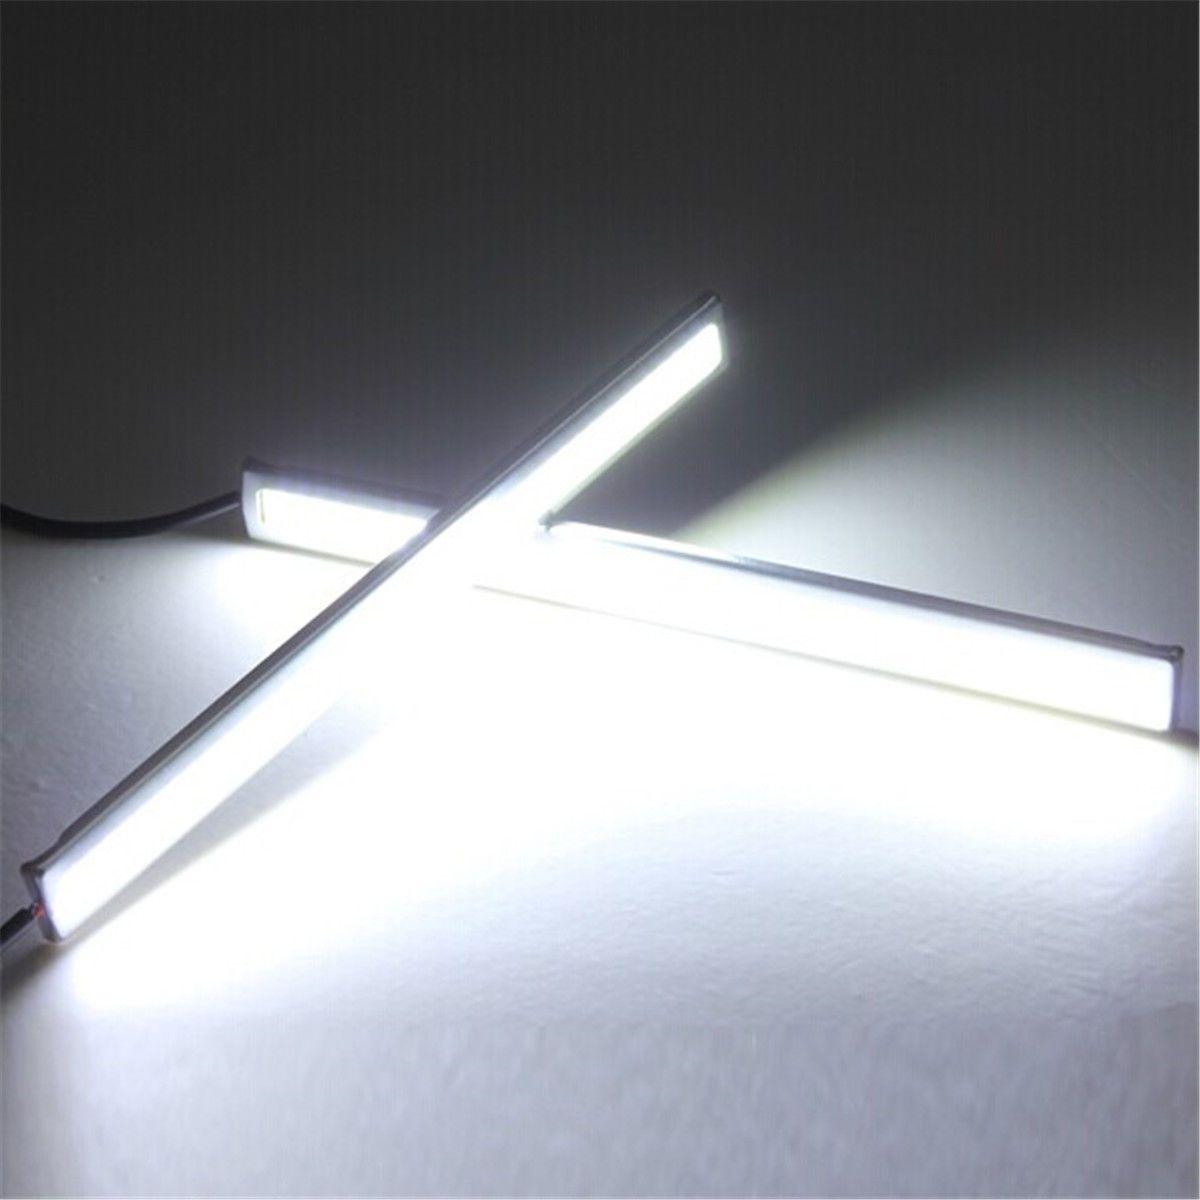 Eletrônica de consumo 2 Pcs Branco Luz Brilhante 12 V À Prova D 'Água COB Car LED Nevoeiro Condução Freio Da Lâmpada M00059 VPRD